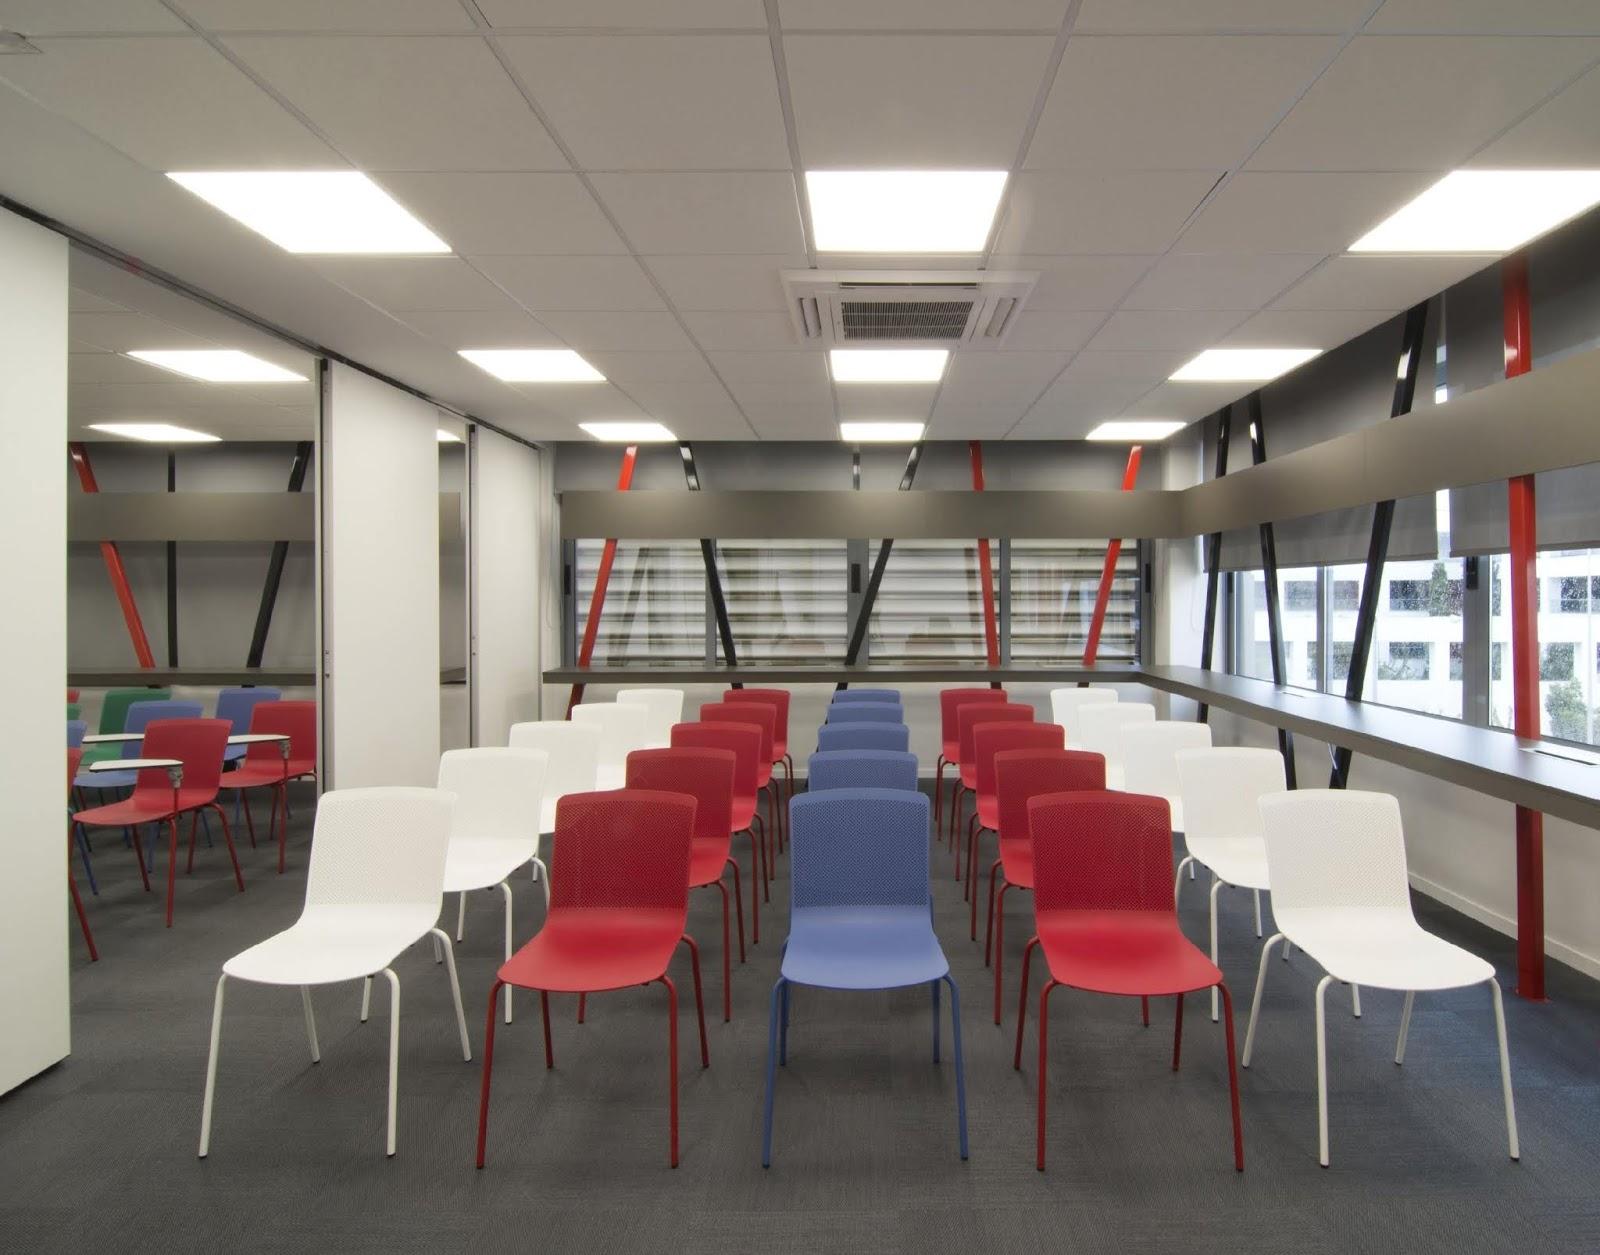 Ausbildung Interior Design